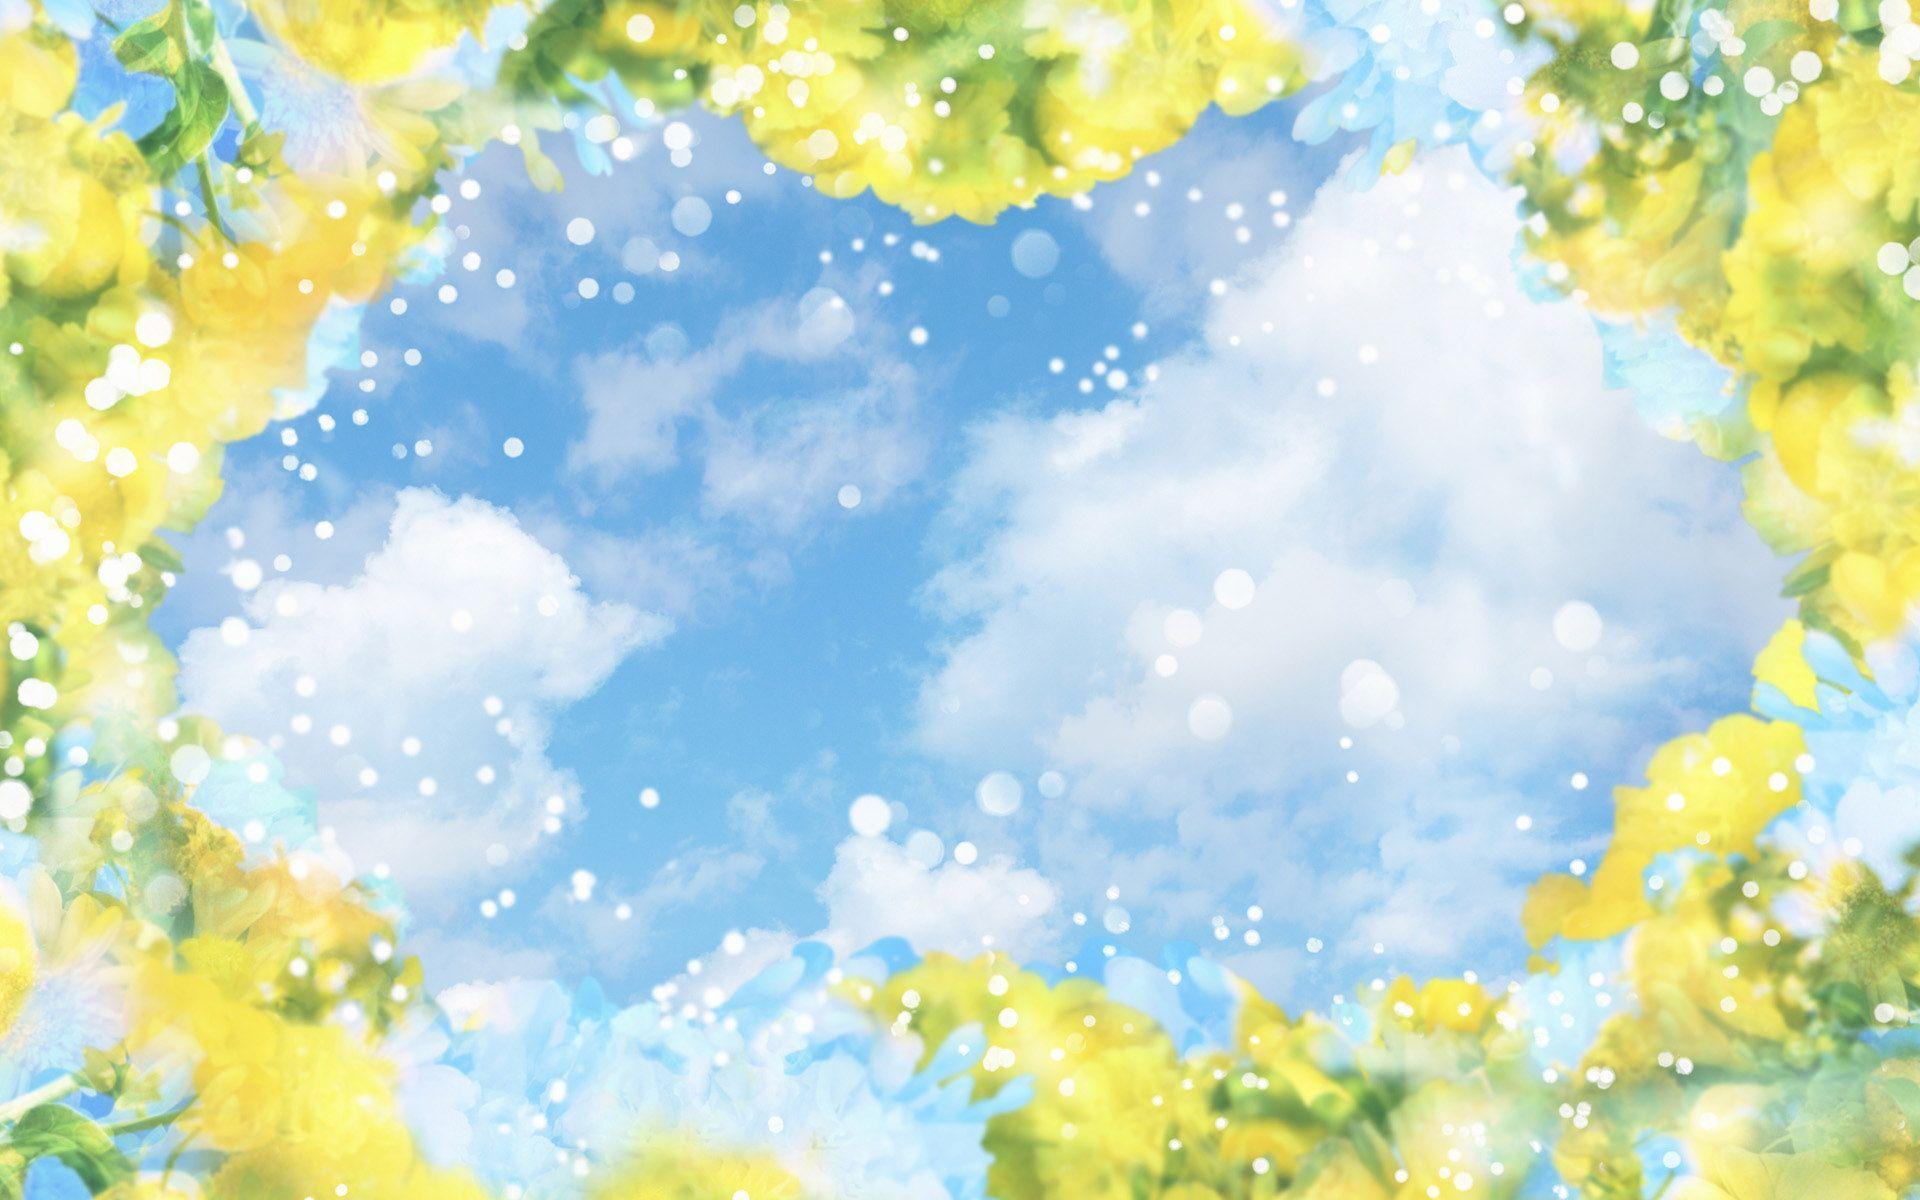 flower dream wallpaper - photo #31